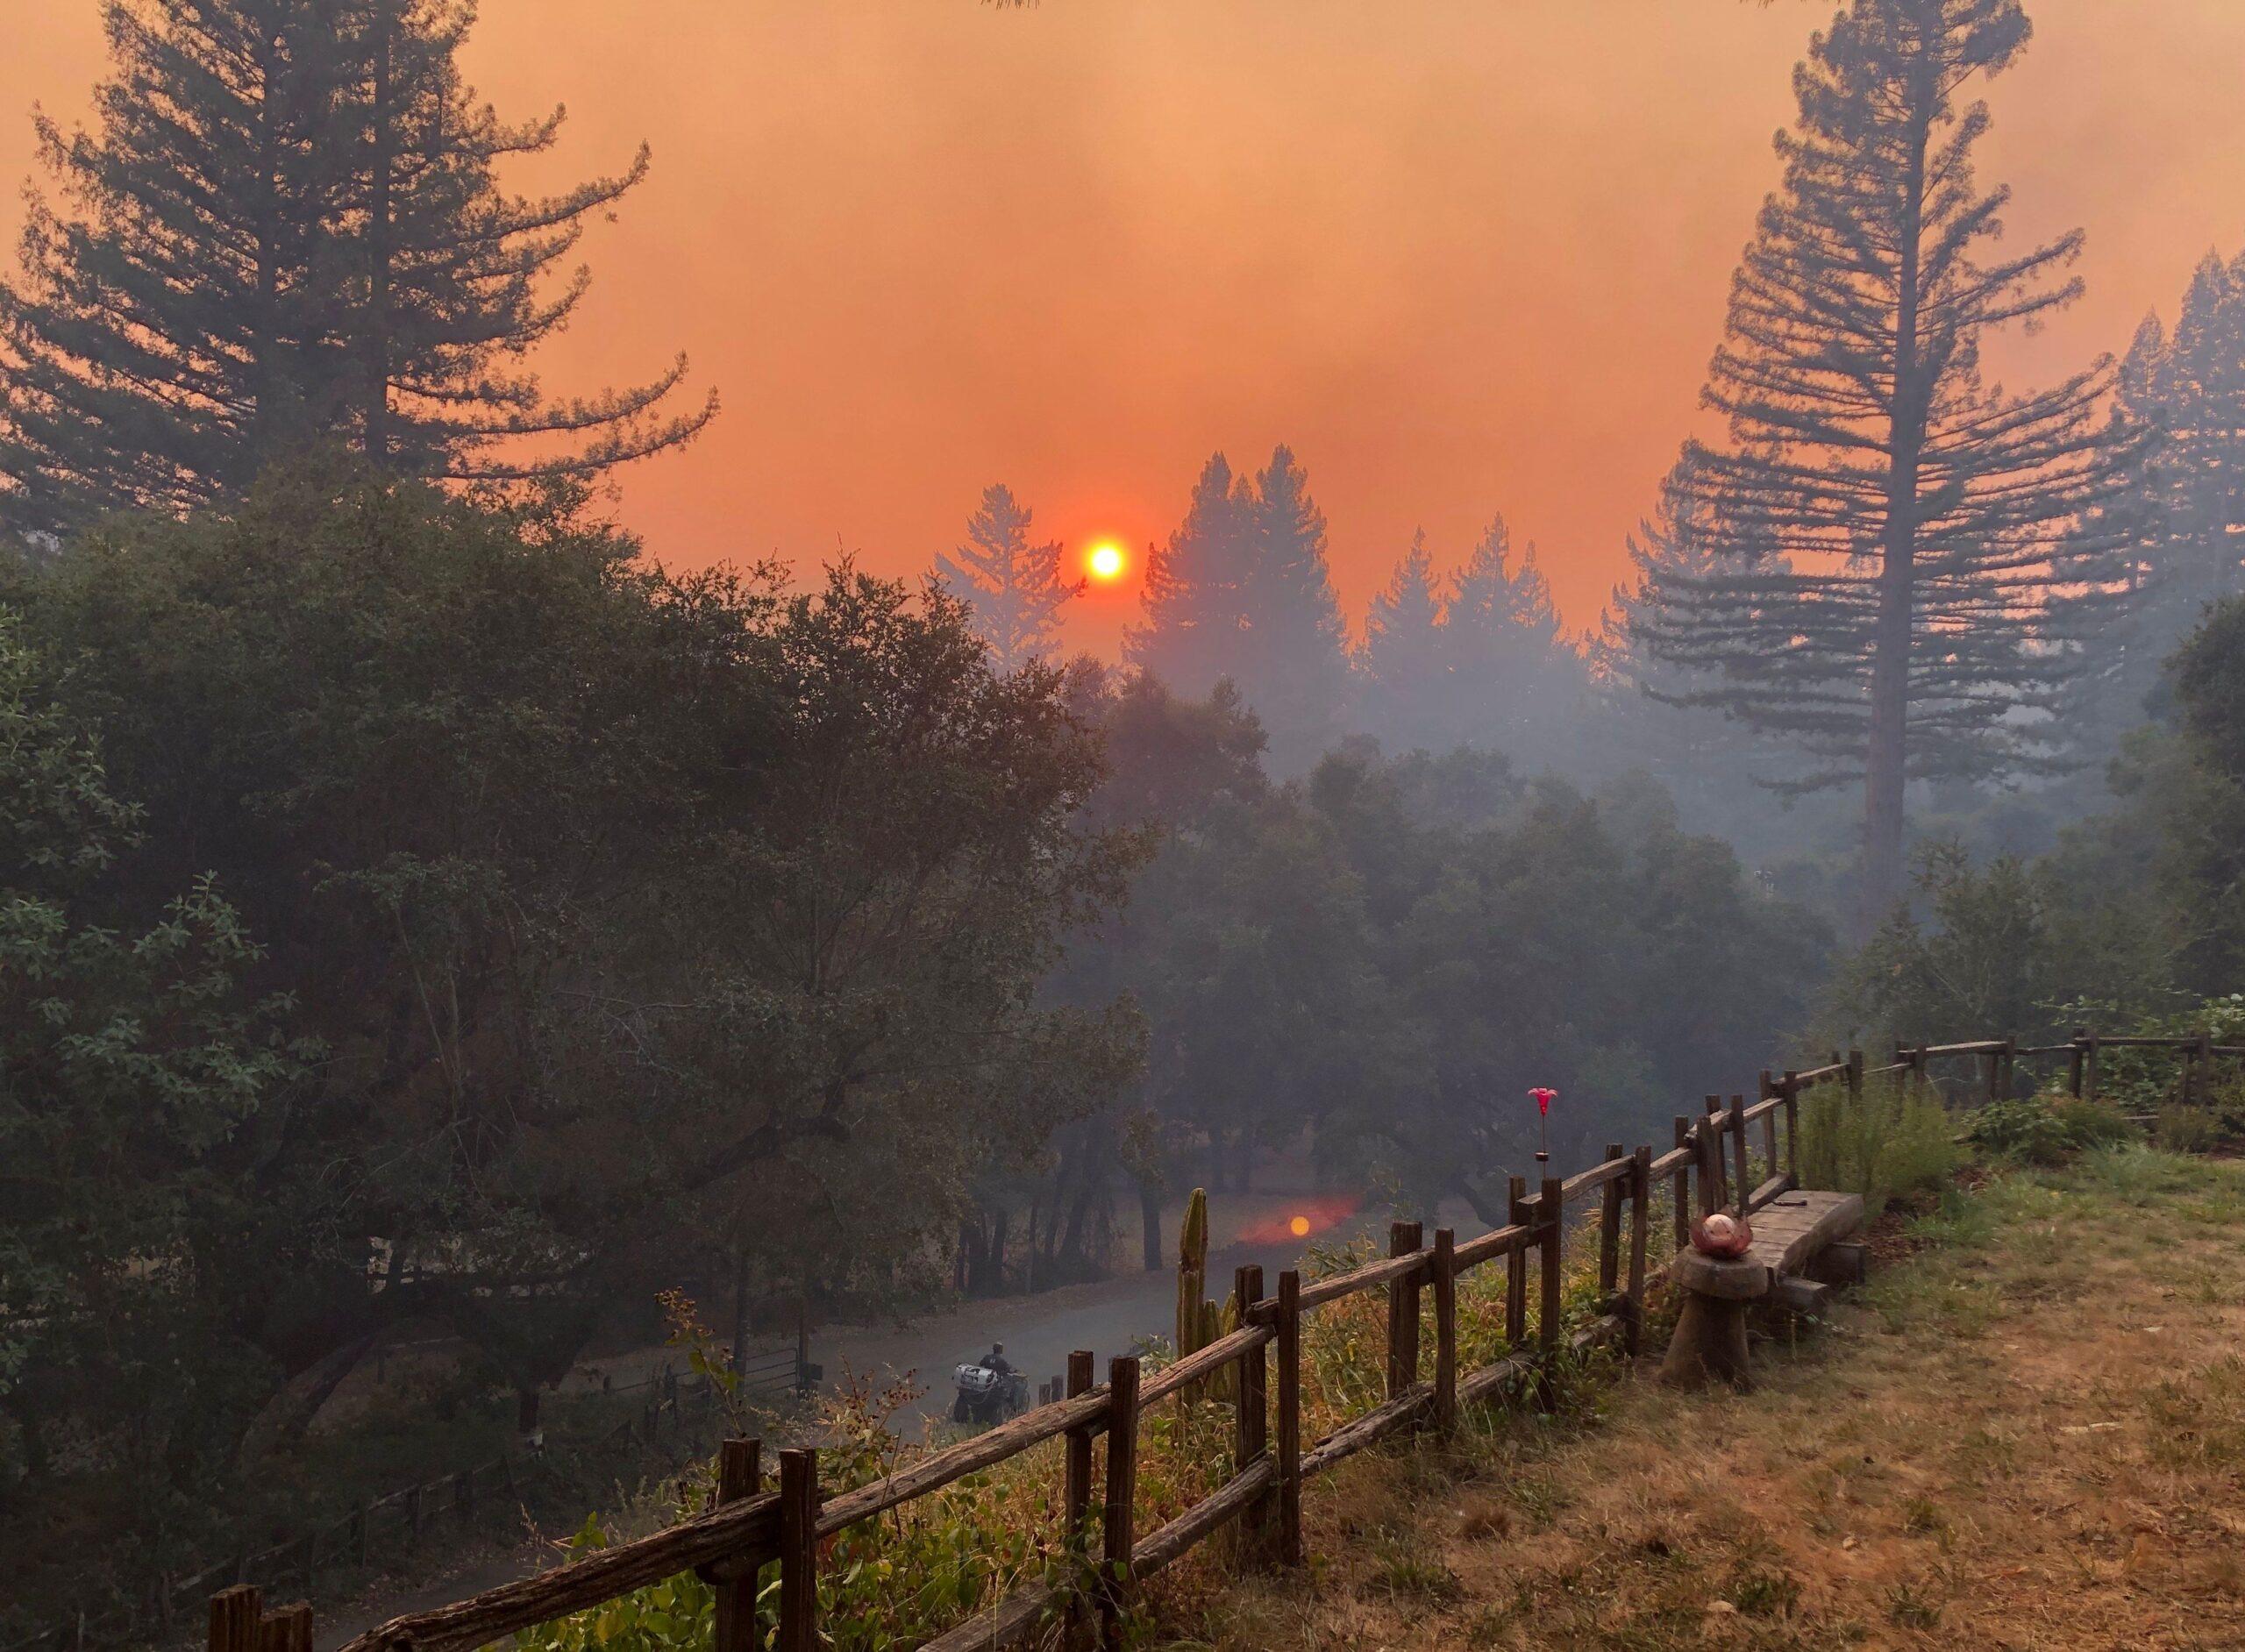 MC Dwyer Boulder Creek CZU Lightning Complex Fire